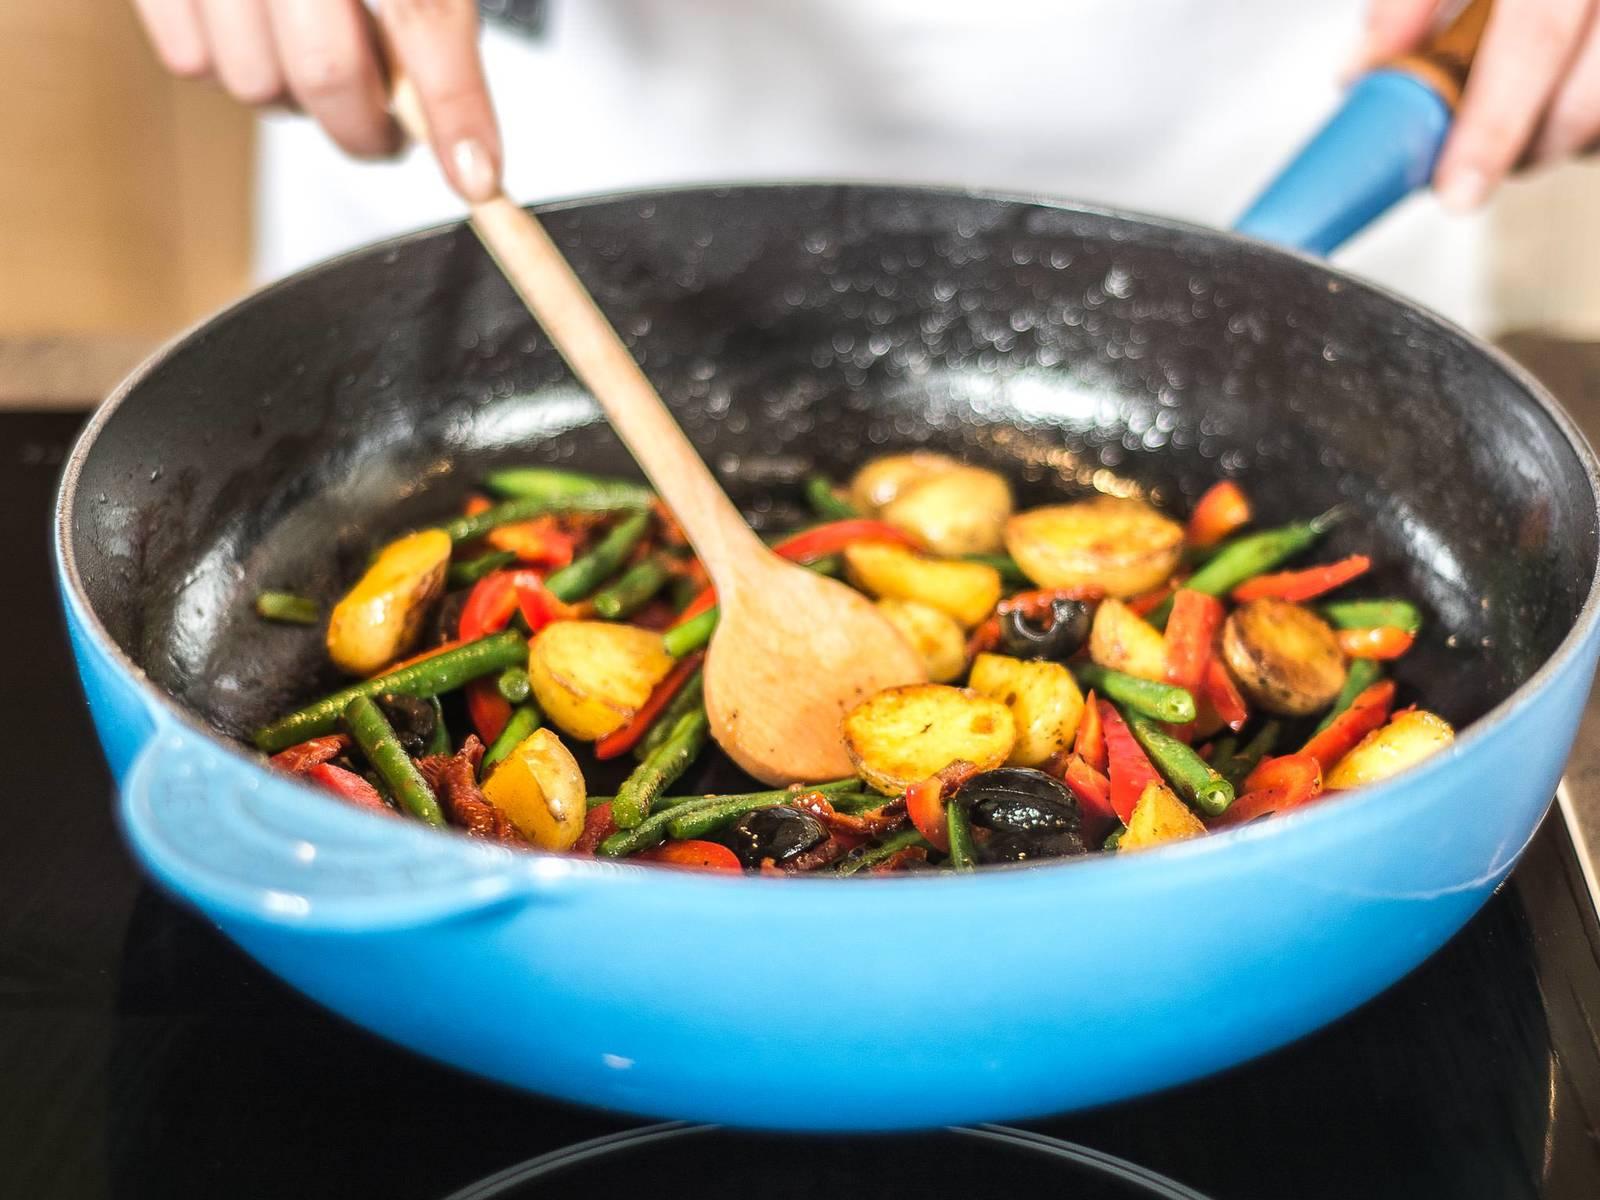 Kartoffeln, Paprika, Oliven und getrocknete Tomaten mit etwas Pflanzenöl ca. 2 Min. anbraten. Bohnen hinzugeben und ebenso anbraten. Alles mit Salz und Pfeffer würzen und anschließend mit Salat, Gurke und roten Zwiebeln in einer großen Schüssel vermengen.